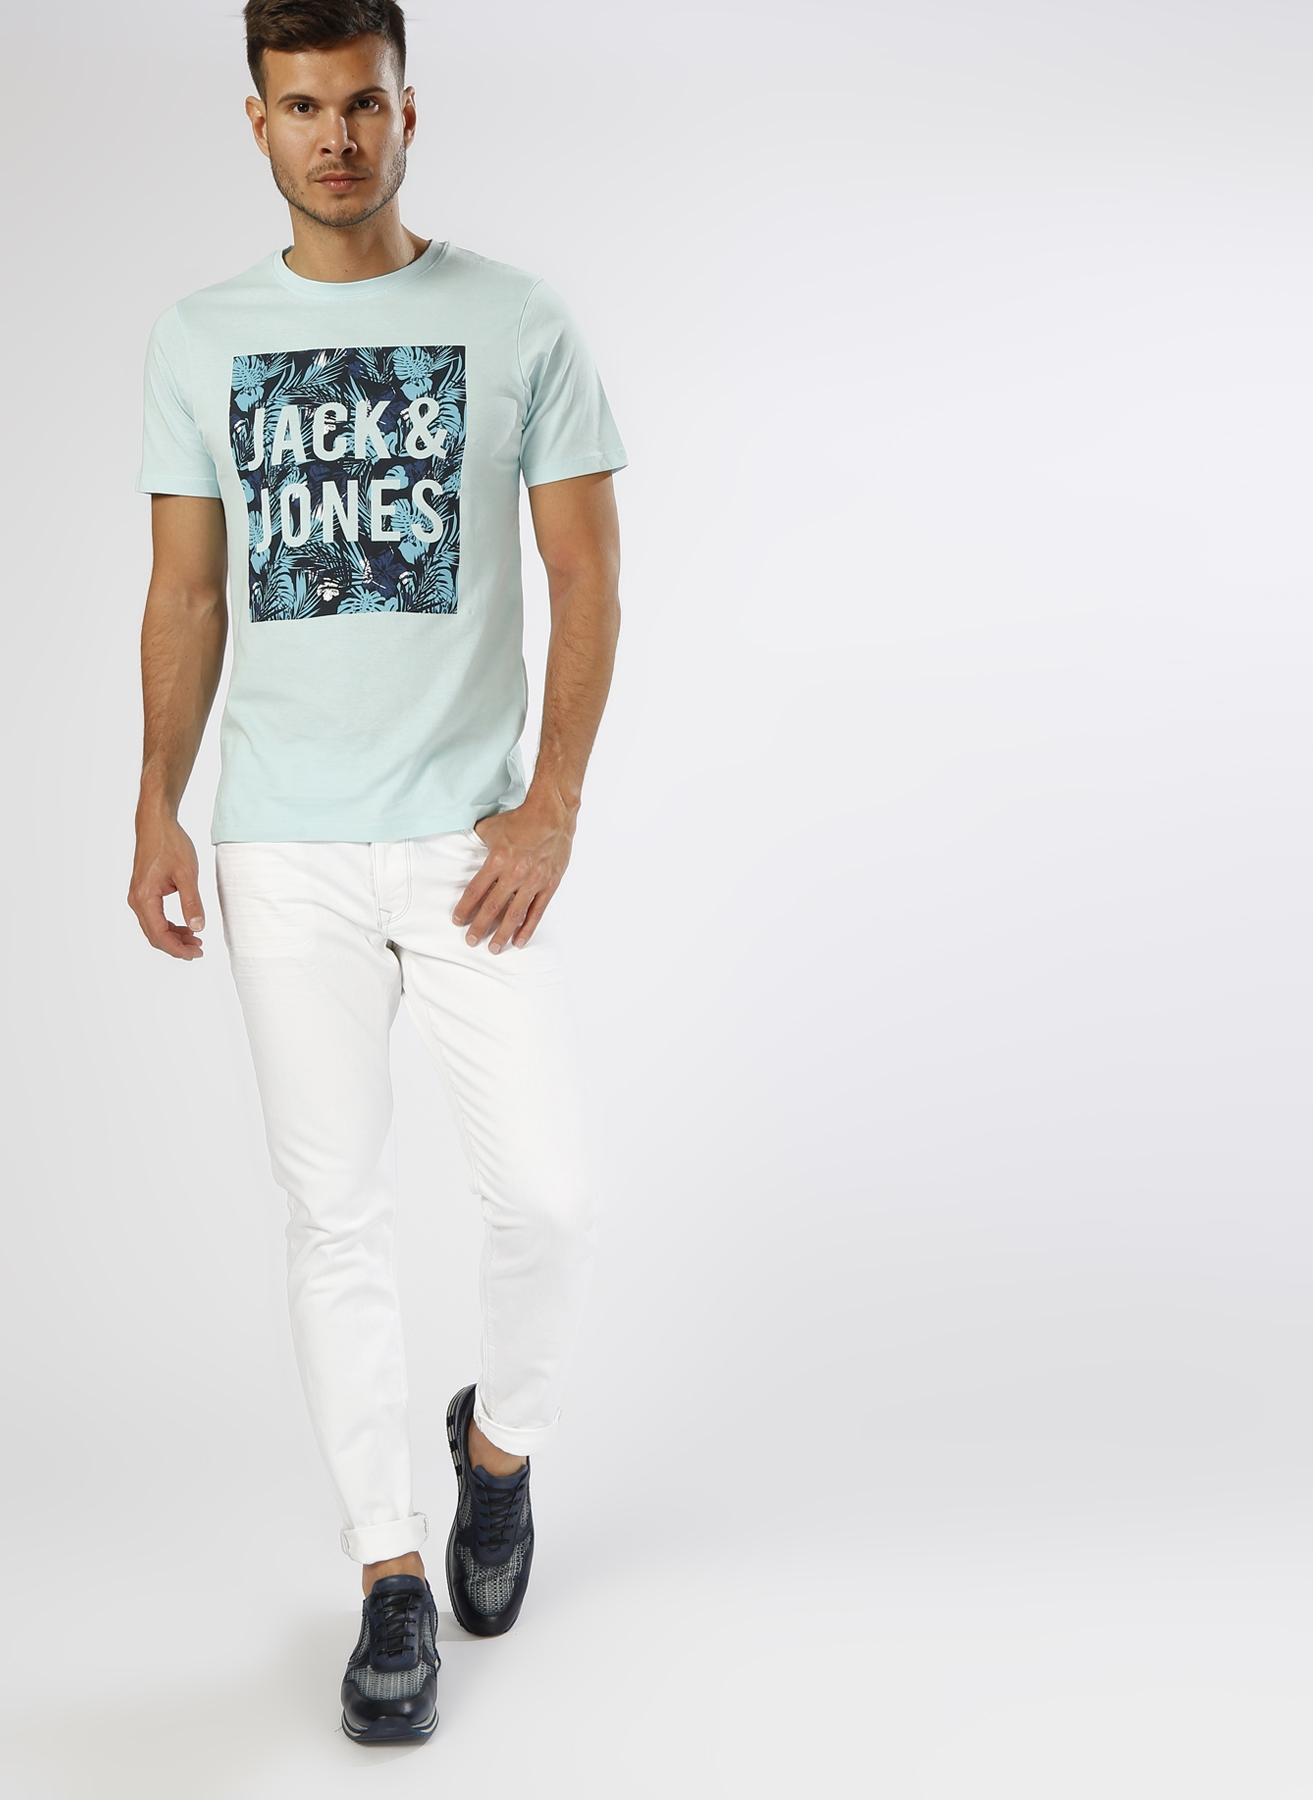 Loft Beyaz Klasik Pantolon 30-32 5000202202005 Ürün Resmi